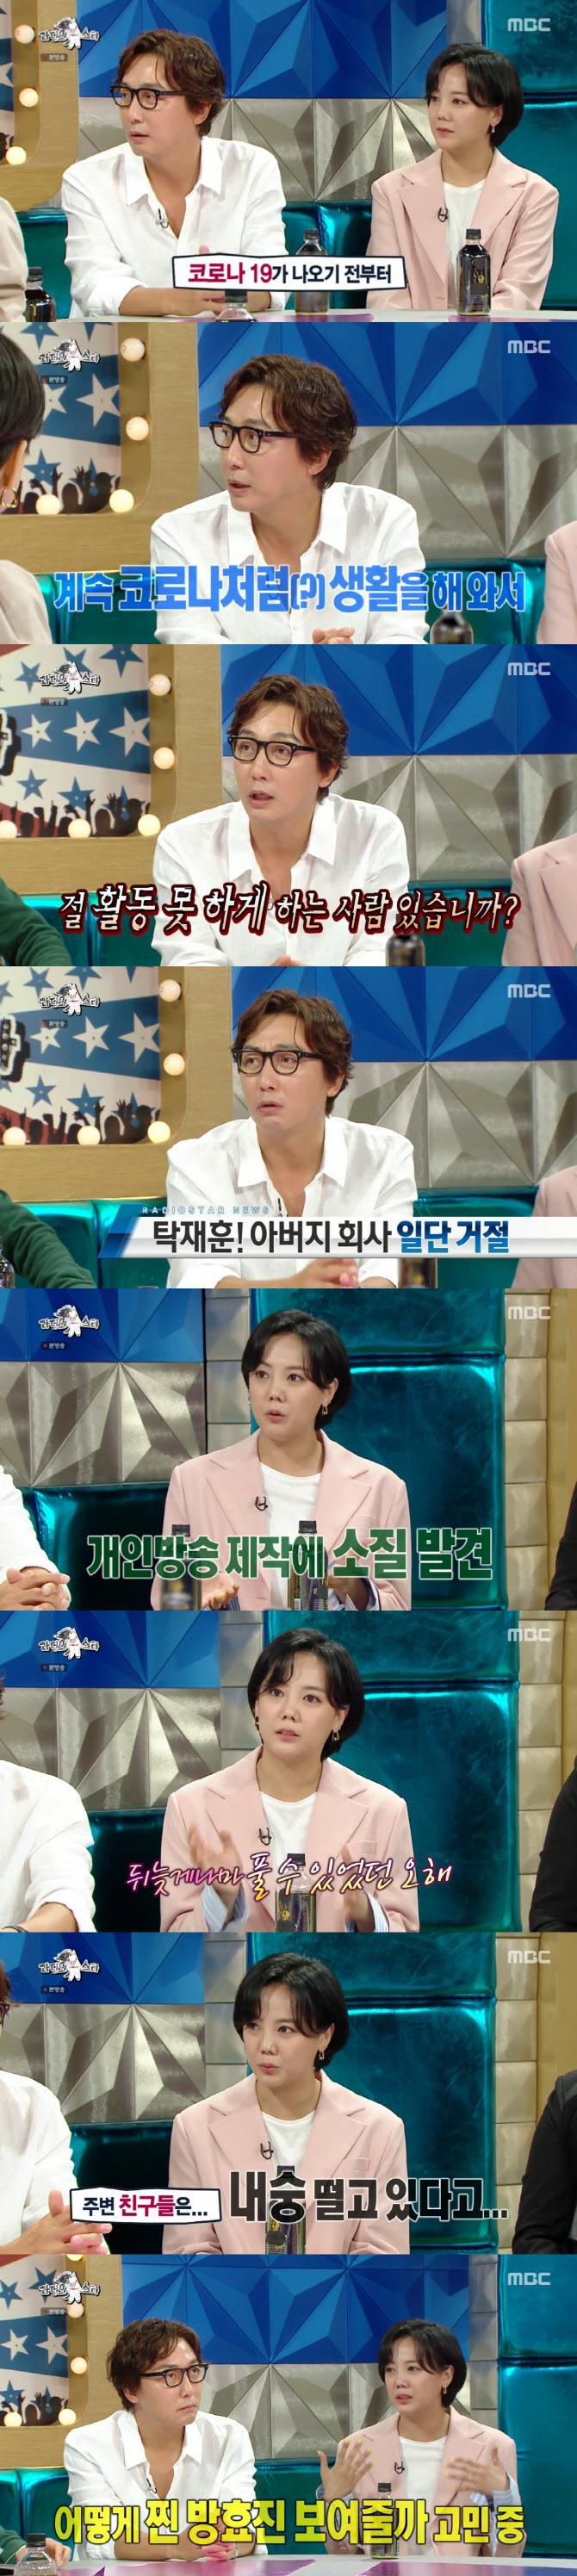 """'라스' 고은아 """"공황장애 생겨"""" 고백→탁재훈, 아버지 부자설 언급 [종합]"""